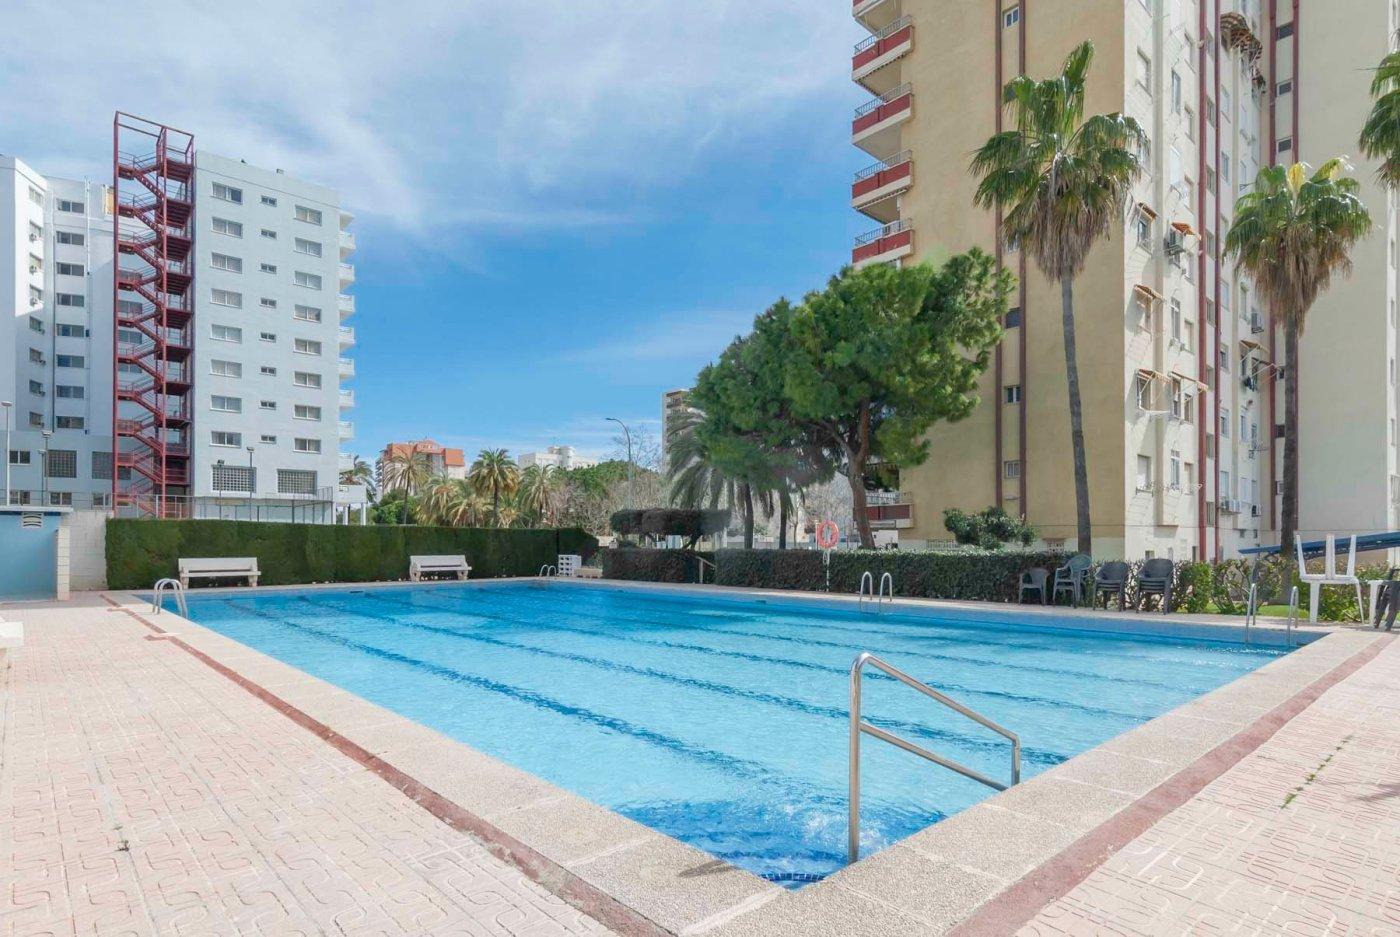 Apartamento en residencial tranquilo con parques, jardines, piscina comunitaria. - imagenInmueble0